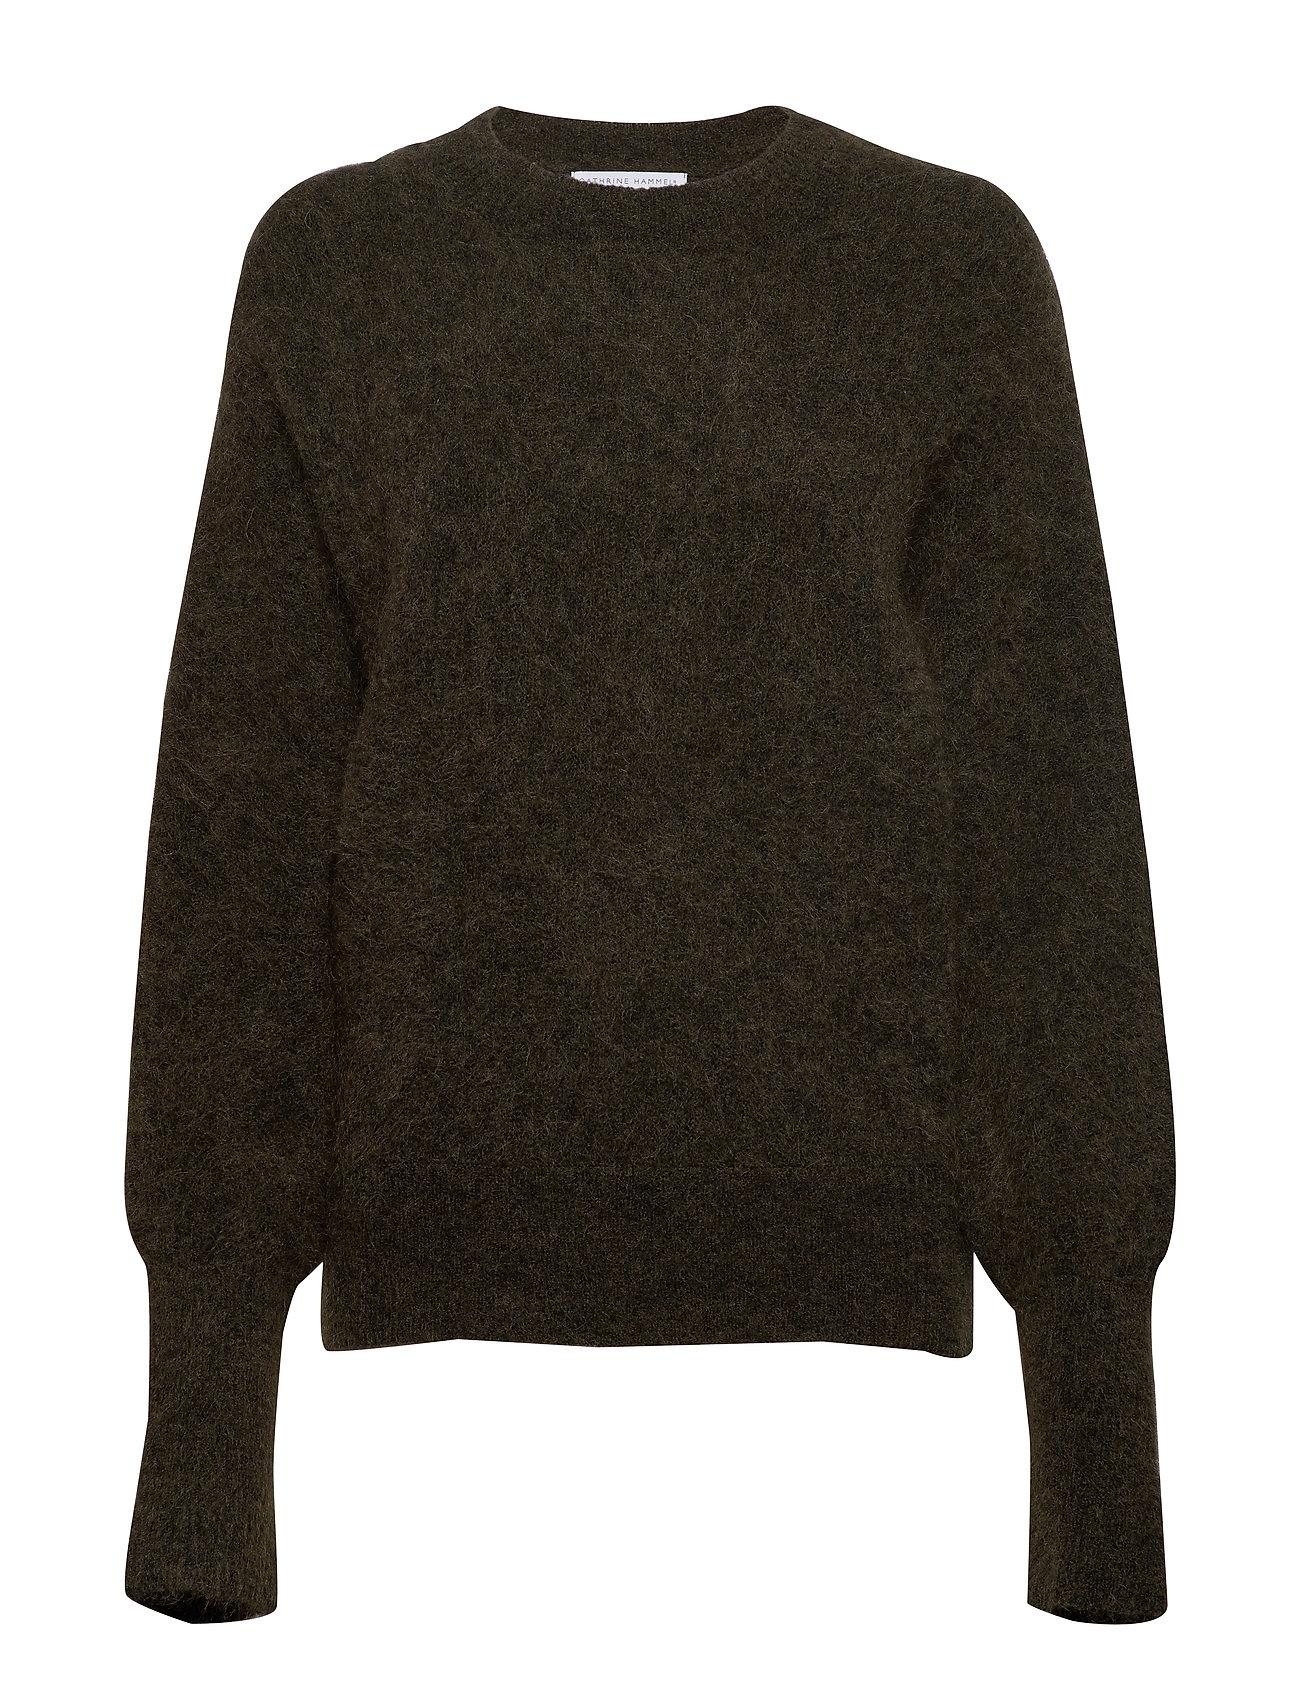 Sweaterdark Soft MelangeCathrine Hammel Rounded Olive CrQBedoxW